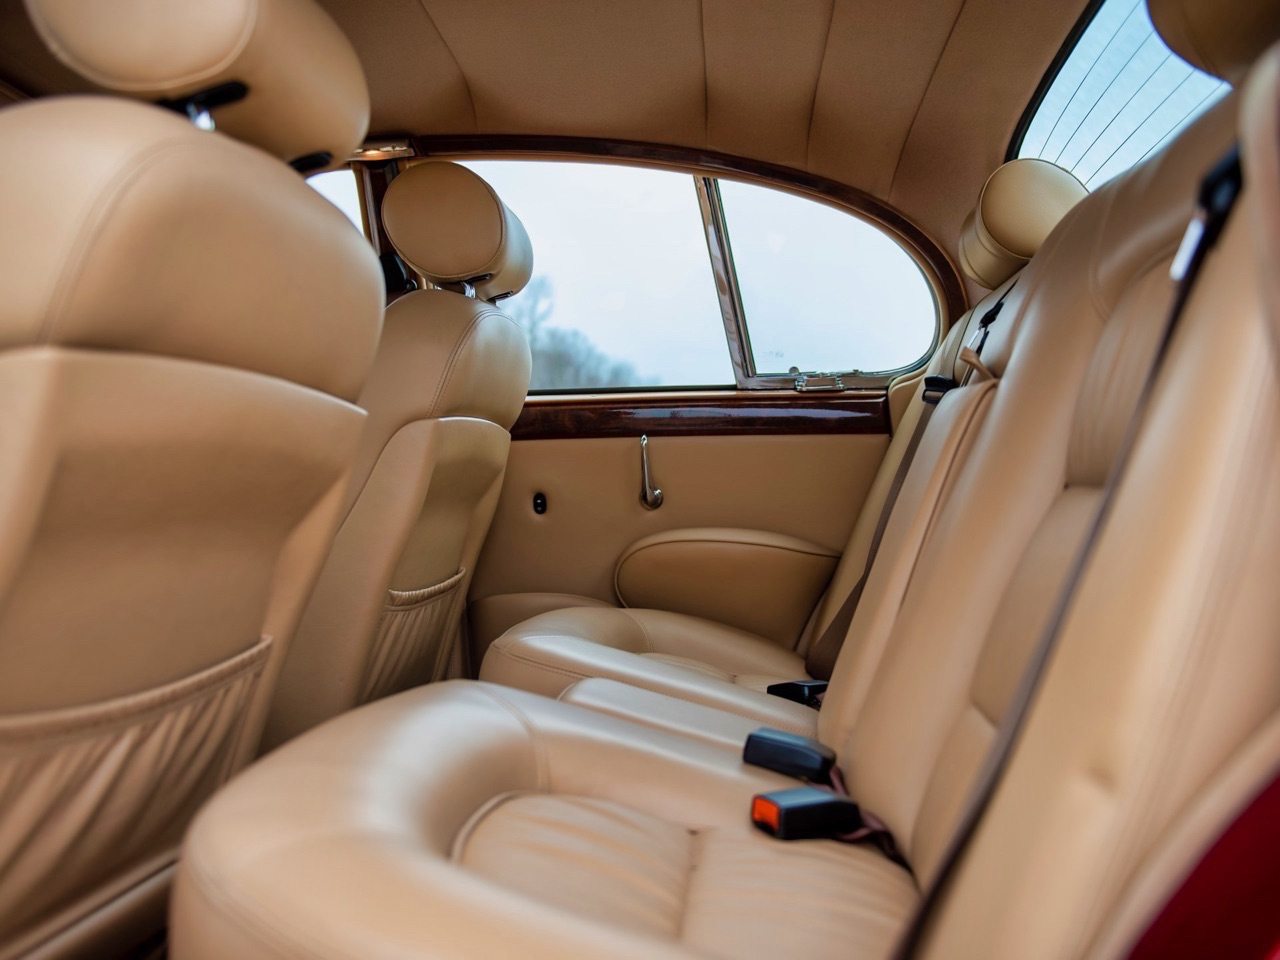 Restomod Jaguar Mk2 3.8... enfin, plutôt Beacham V8 Supercharged ! 11